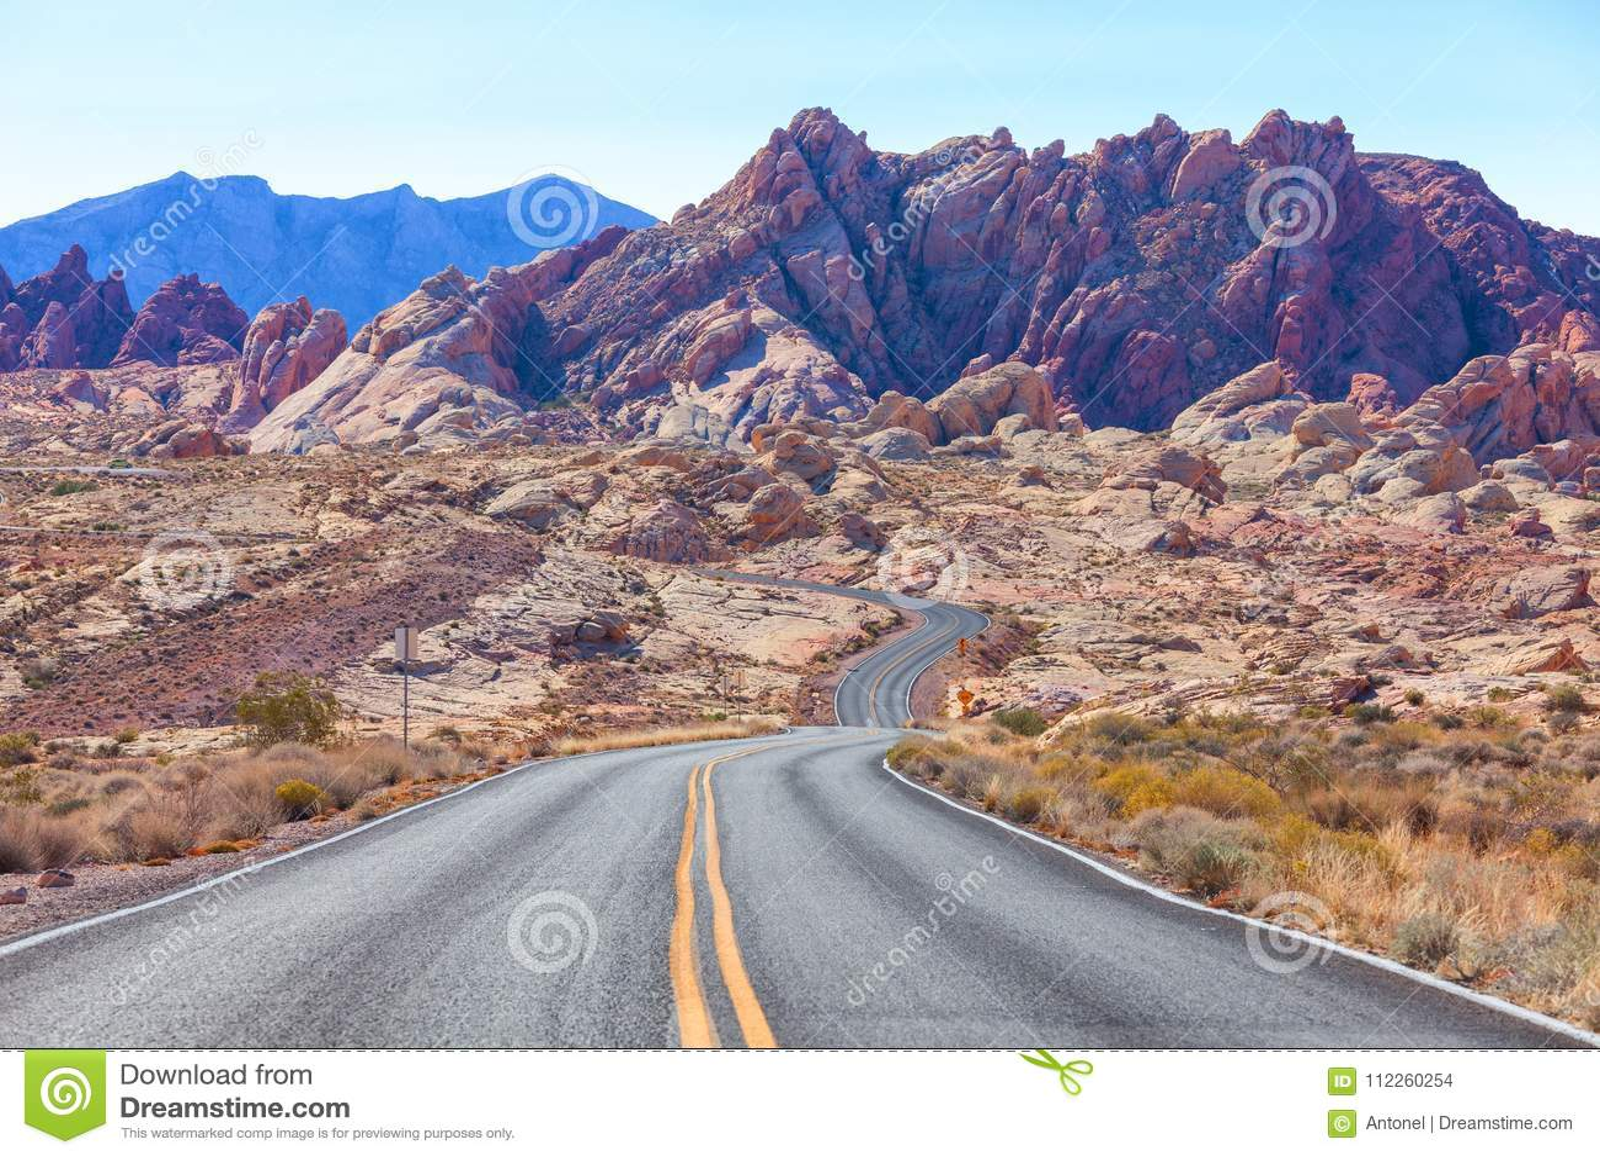 Scenisk sikt från vägen i dalen av branddelstatsparken, Nevada, Förenta staterna